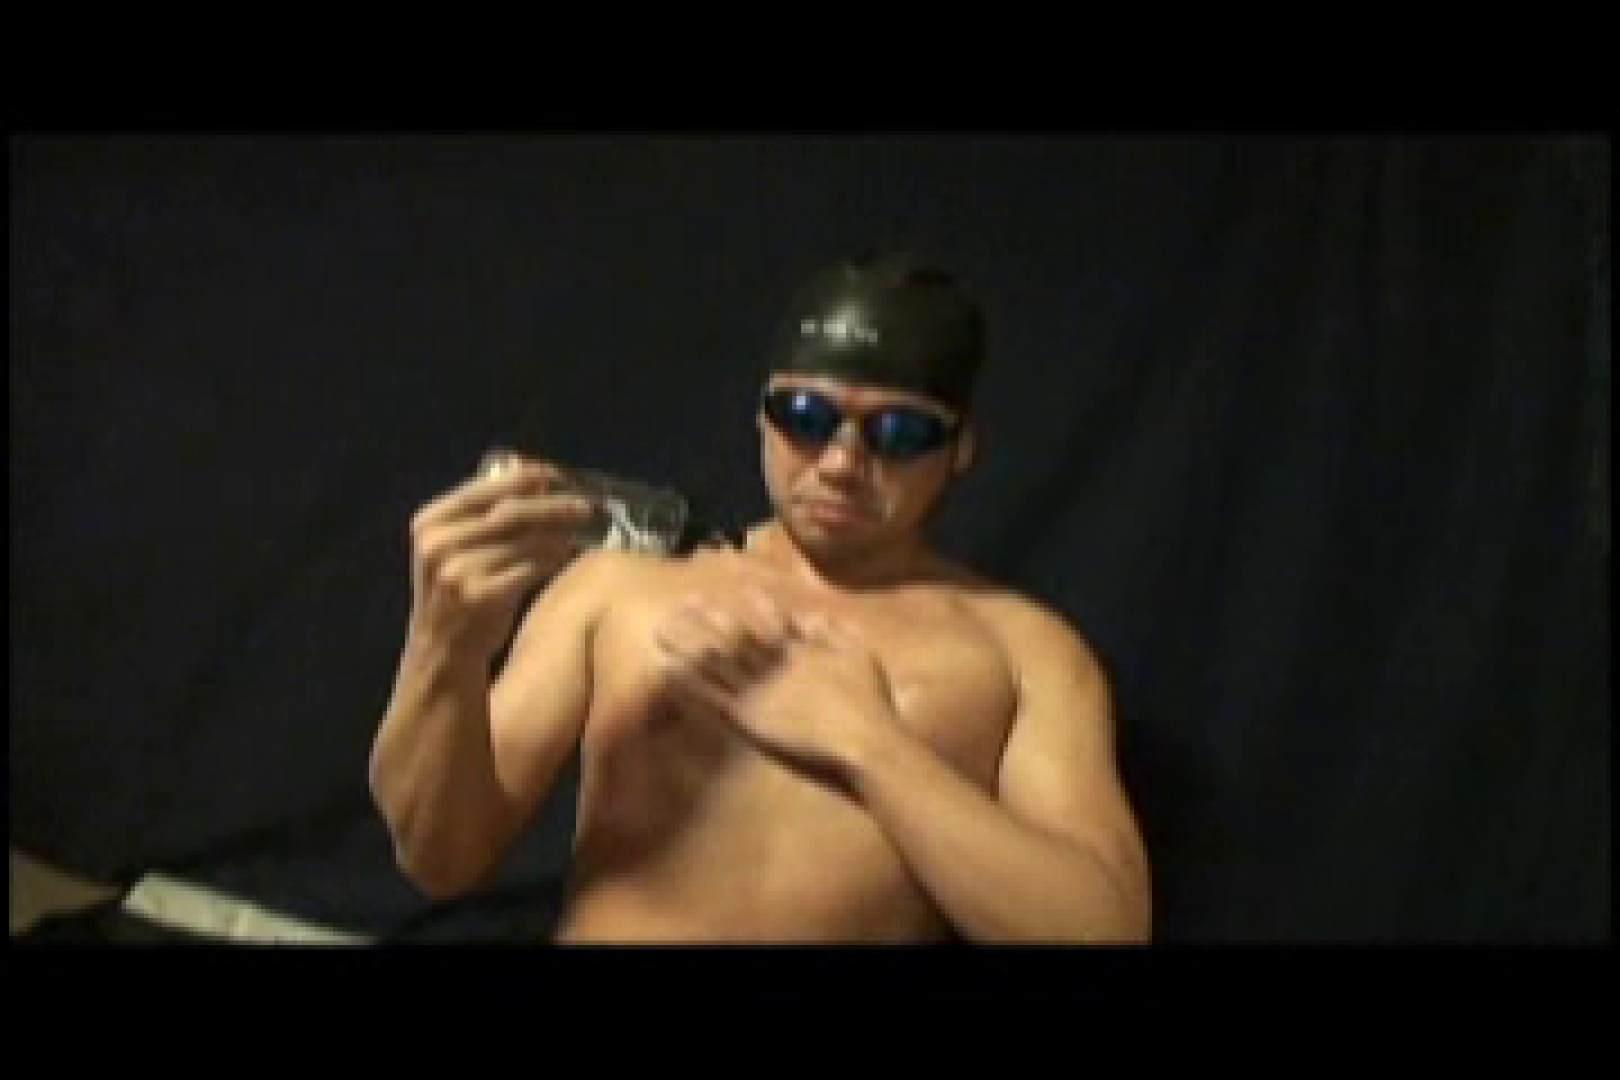 スジ筋ガチムチゴーグルマンvol6 おじさん   ゴーグルマン ゲイエッチ画像 14連発 1